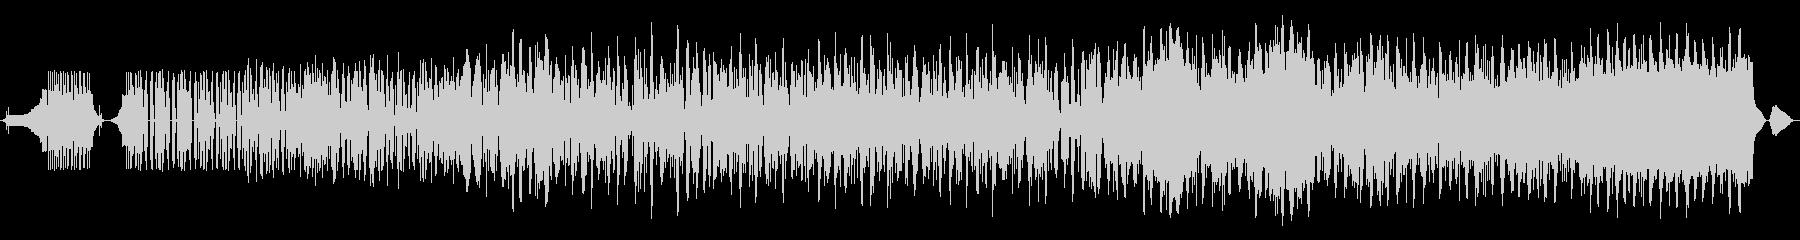 生活音を楽曲に取り入れた実験的音楽の未再生の波形